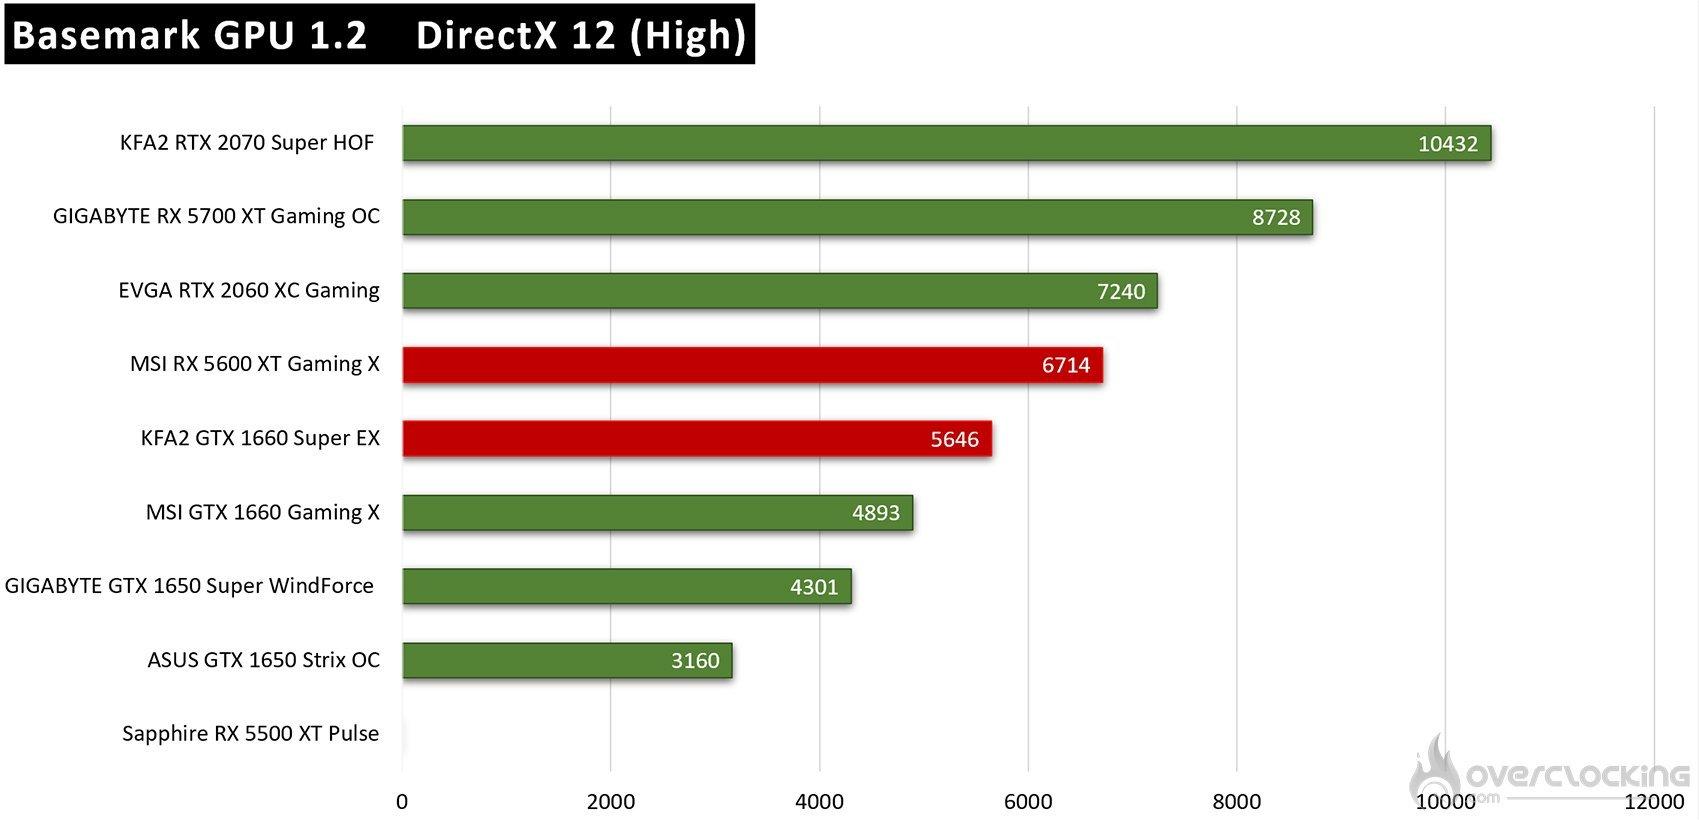 Résultats Basemark DirectX 12